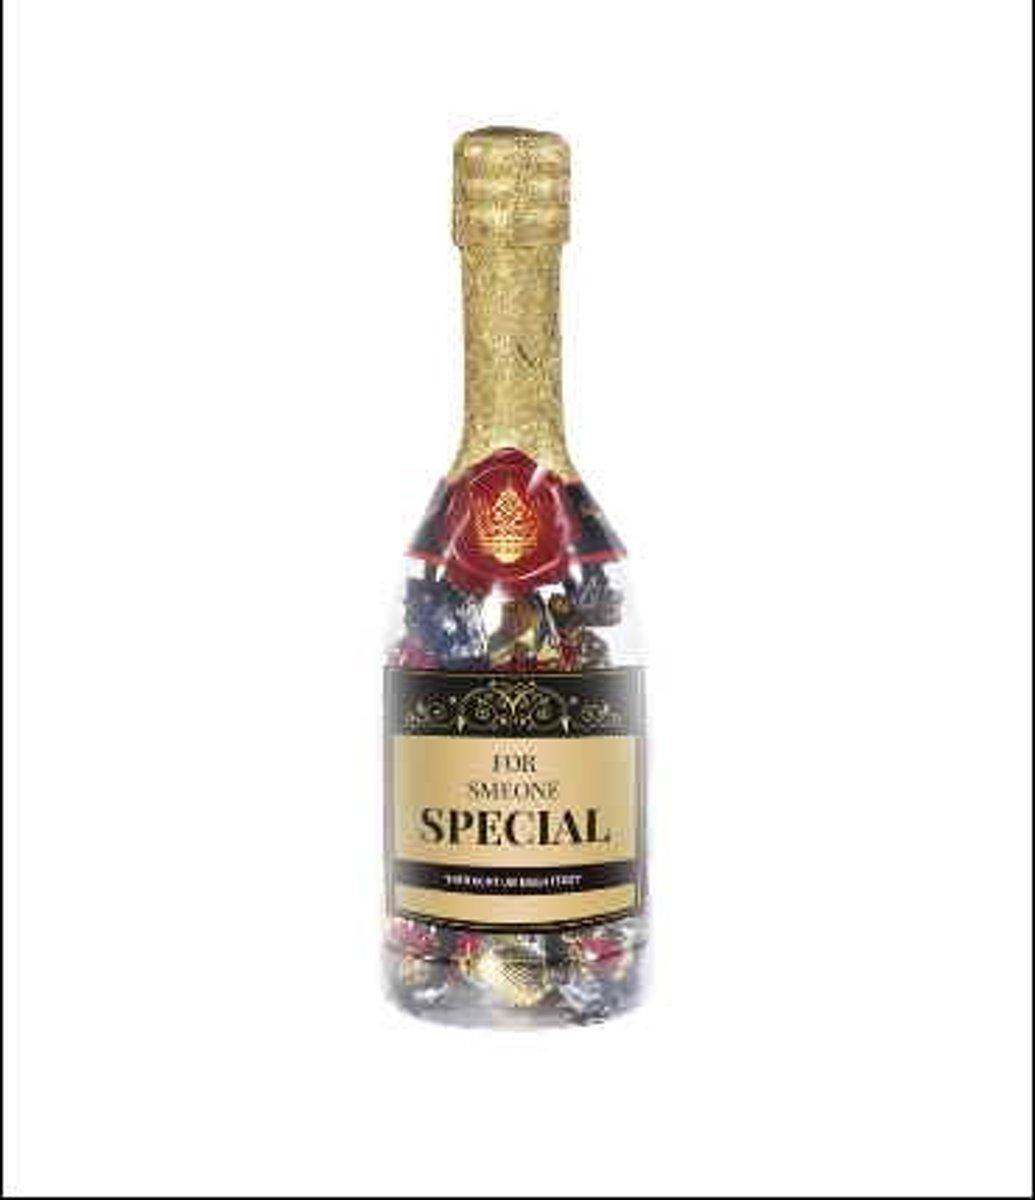 Afbeelding van product Snoepkado.com  Valentijn - Champagnefles - For someone special - Gevuld met een Valentijnsmix - In cadeauverpakking met gekleurd lint